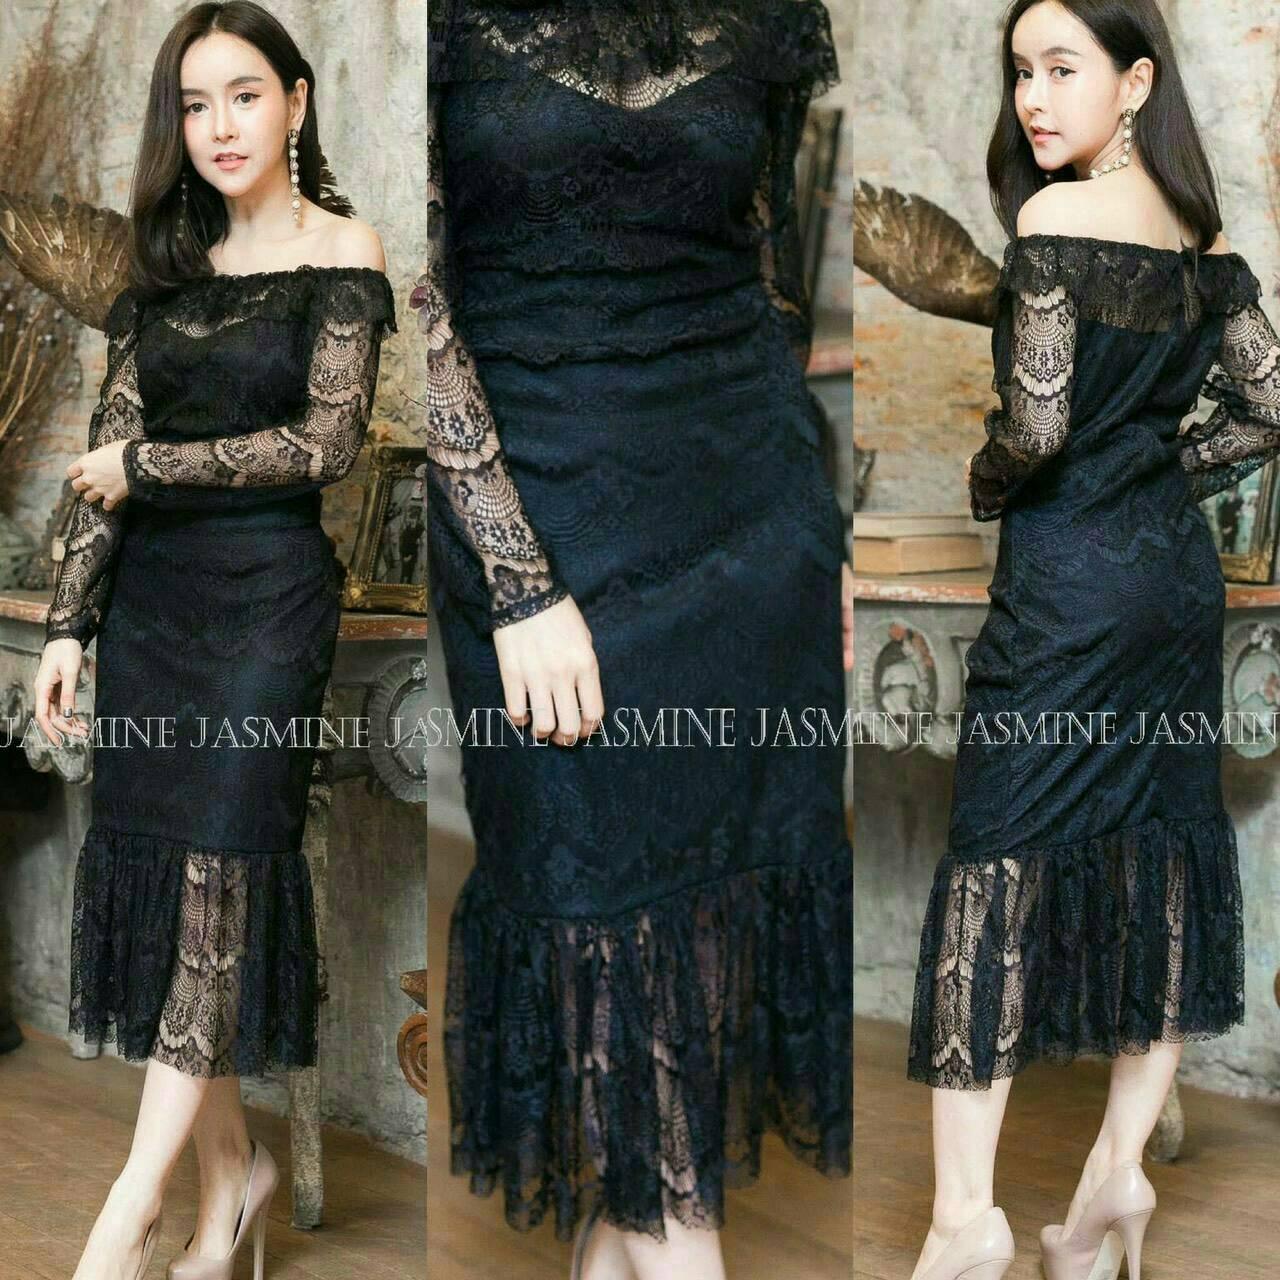 Dress3738 ชุดเดรสออกงาน/เดรสยาวทรงเปิดไหล่แขนยาว ชายระบาย ซิปหลัง มีซับในทั้งชุด ผ้าลูกไม้ยืดเนื้อนุ่มสีดำ งานสวยเรียบหรูขนาด Free Size